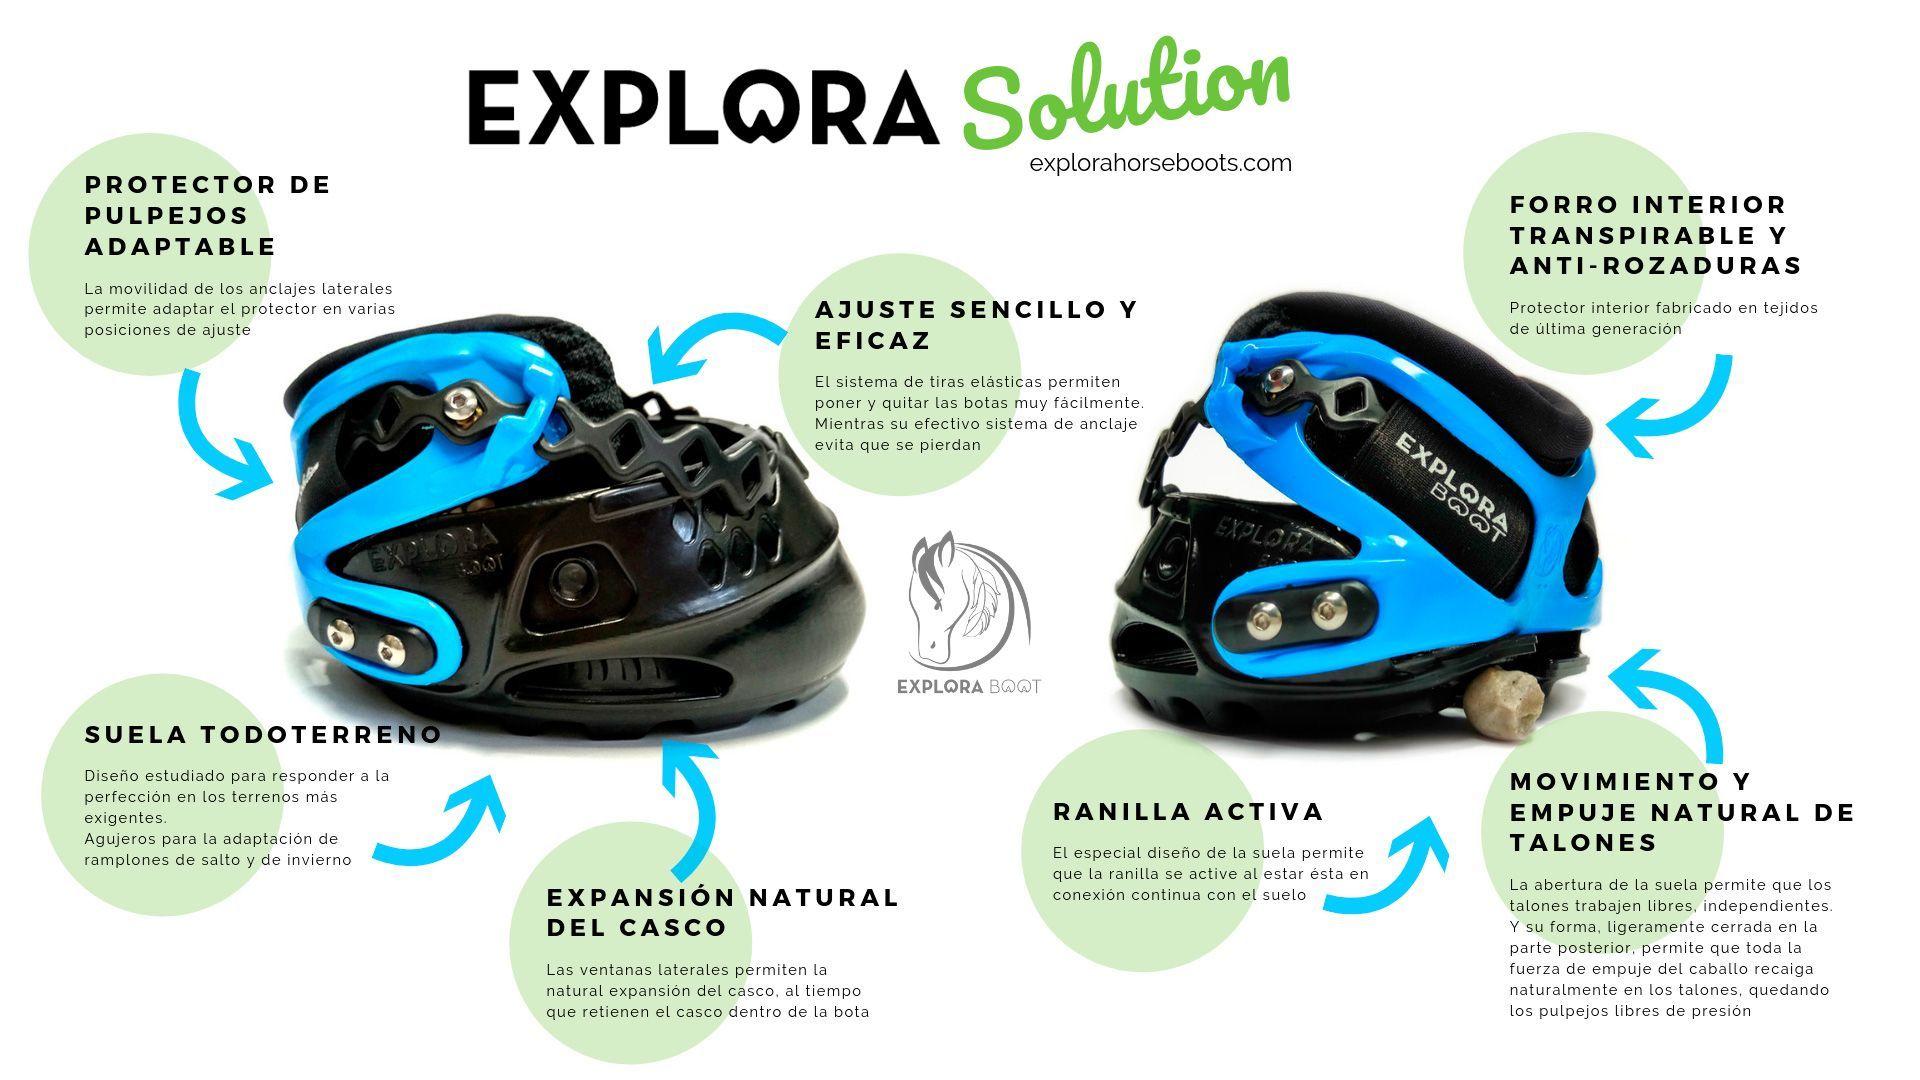 Caracteristicas y ventajas de las botas Explora